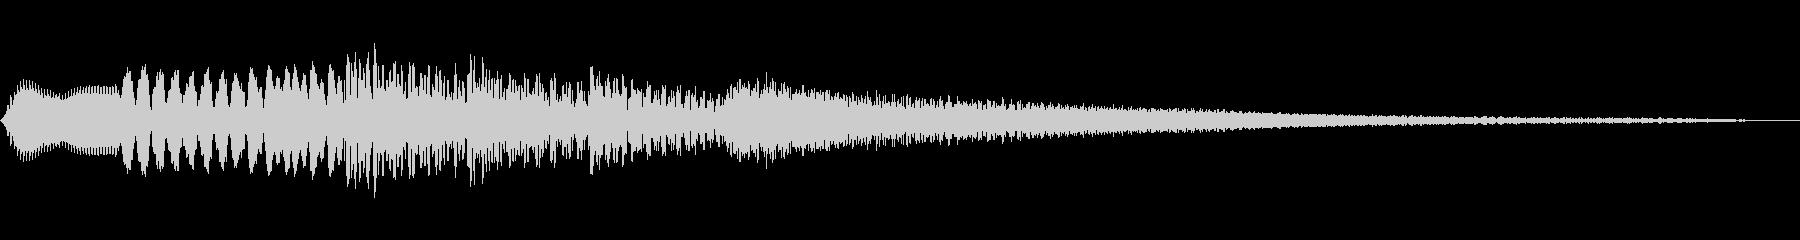 和風の場面転換音(琴/ハープの音色)低音の未再生の波形